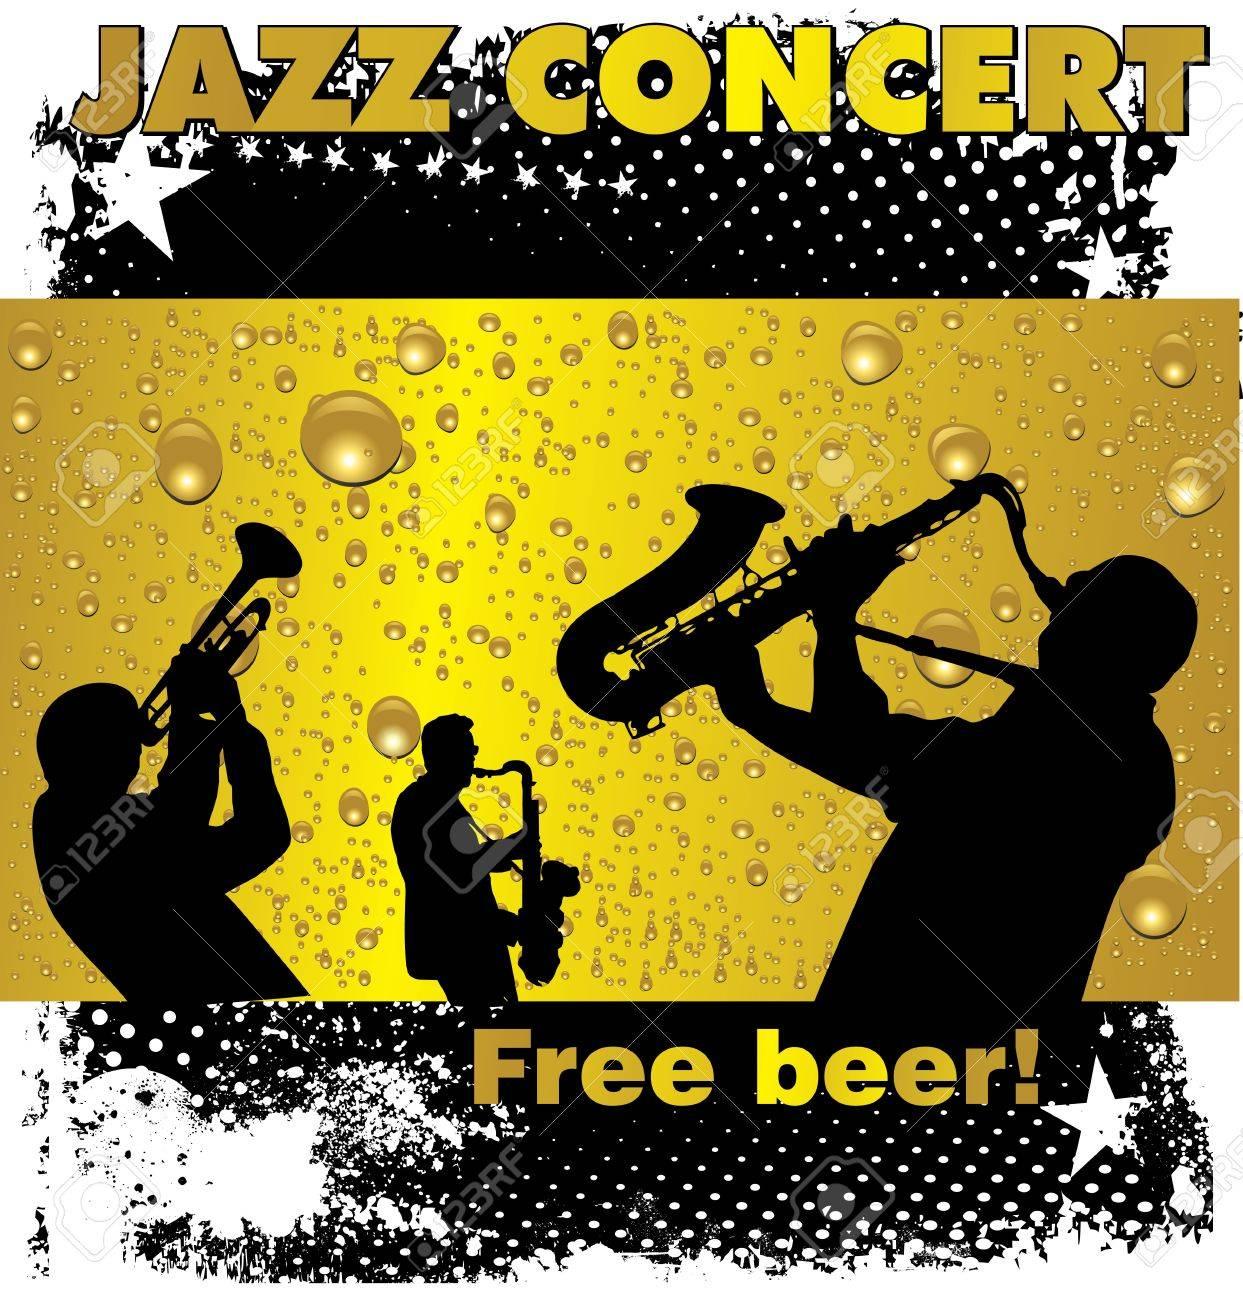 ジャズ コンサート無料ビールの壁紙のイラスト素材 ベクタ Image